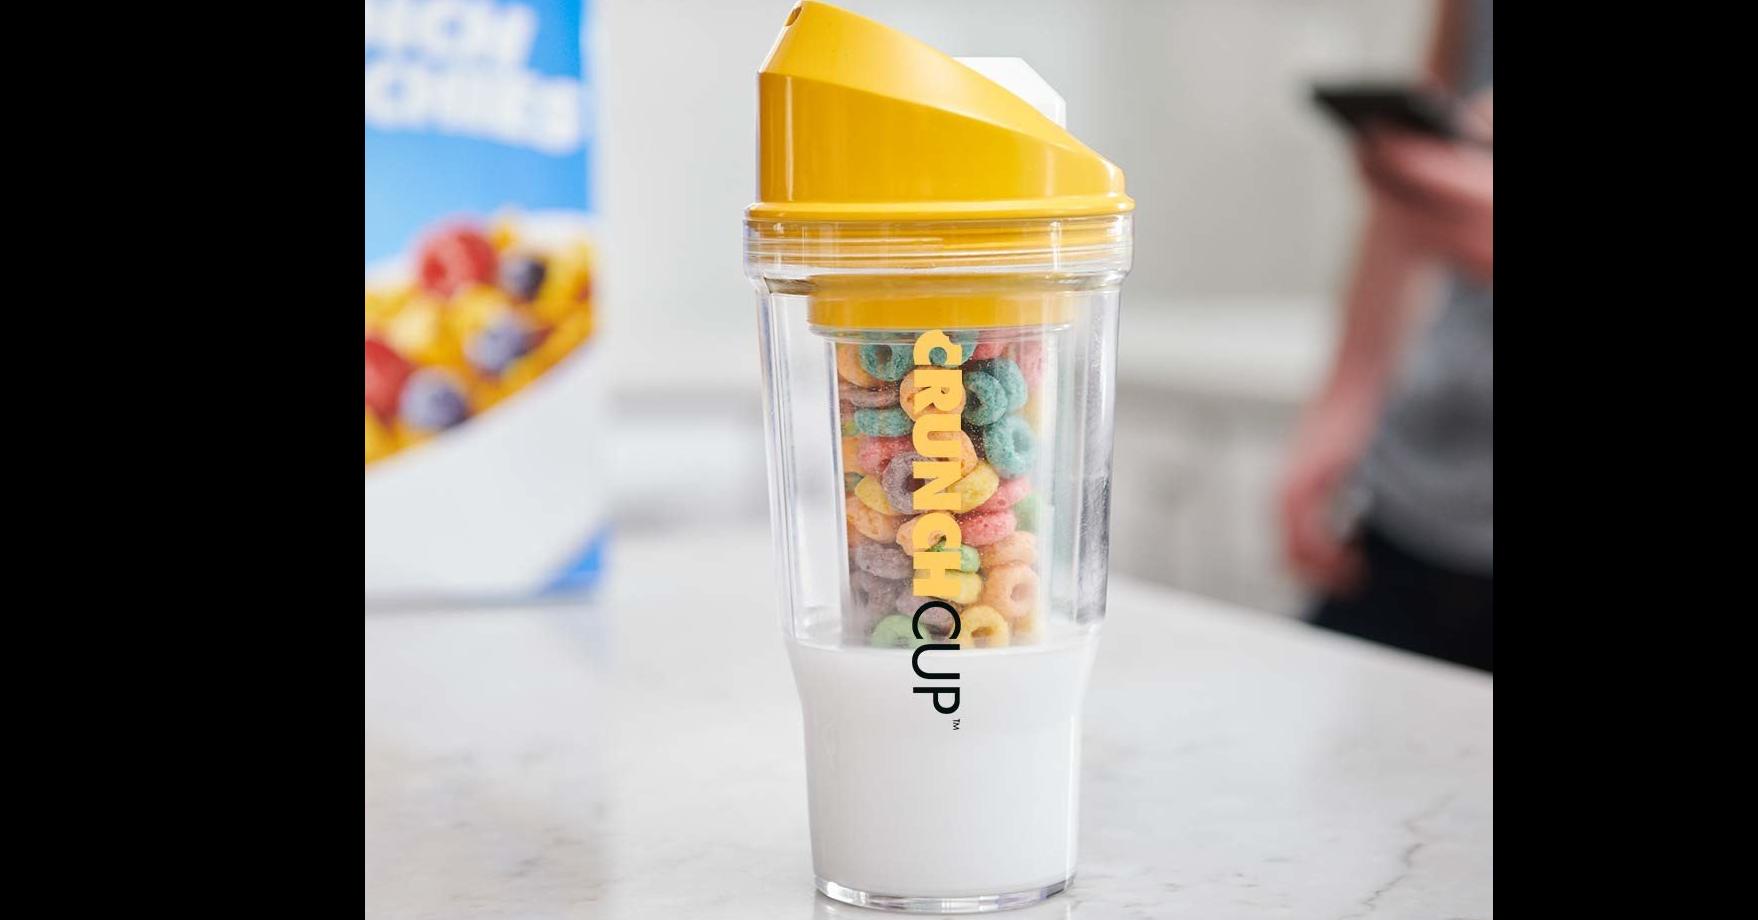 照片中提到了CHIE、CRUNCH CUP、TM,包含了一杯麥片、早餐麥片、早餐、牛奶、緊縮杯